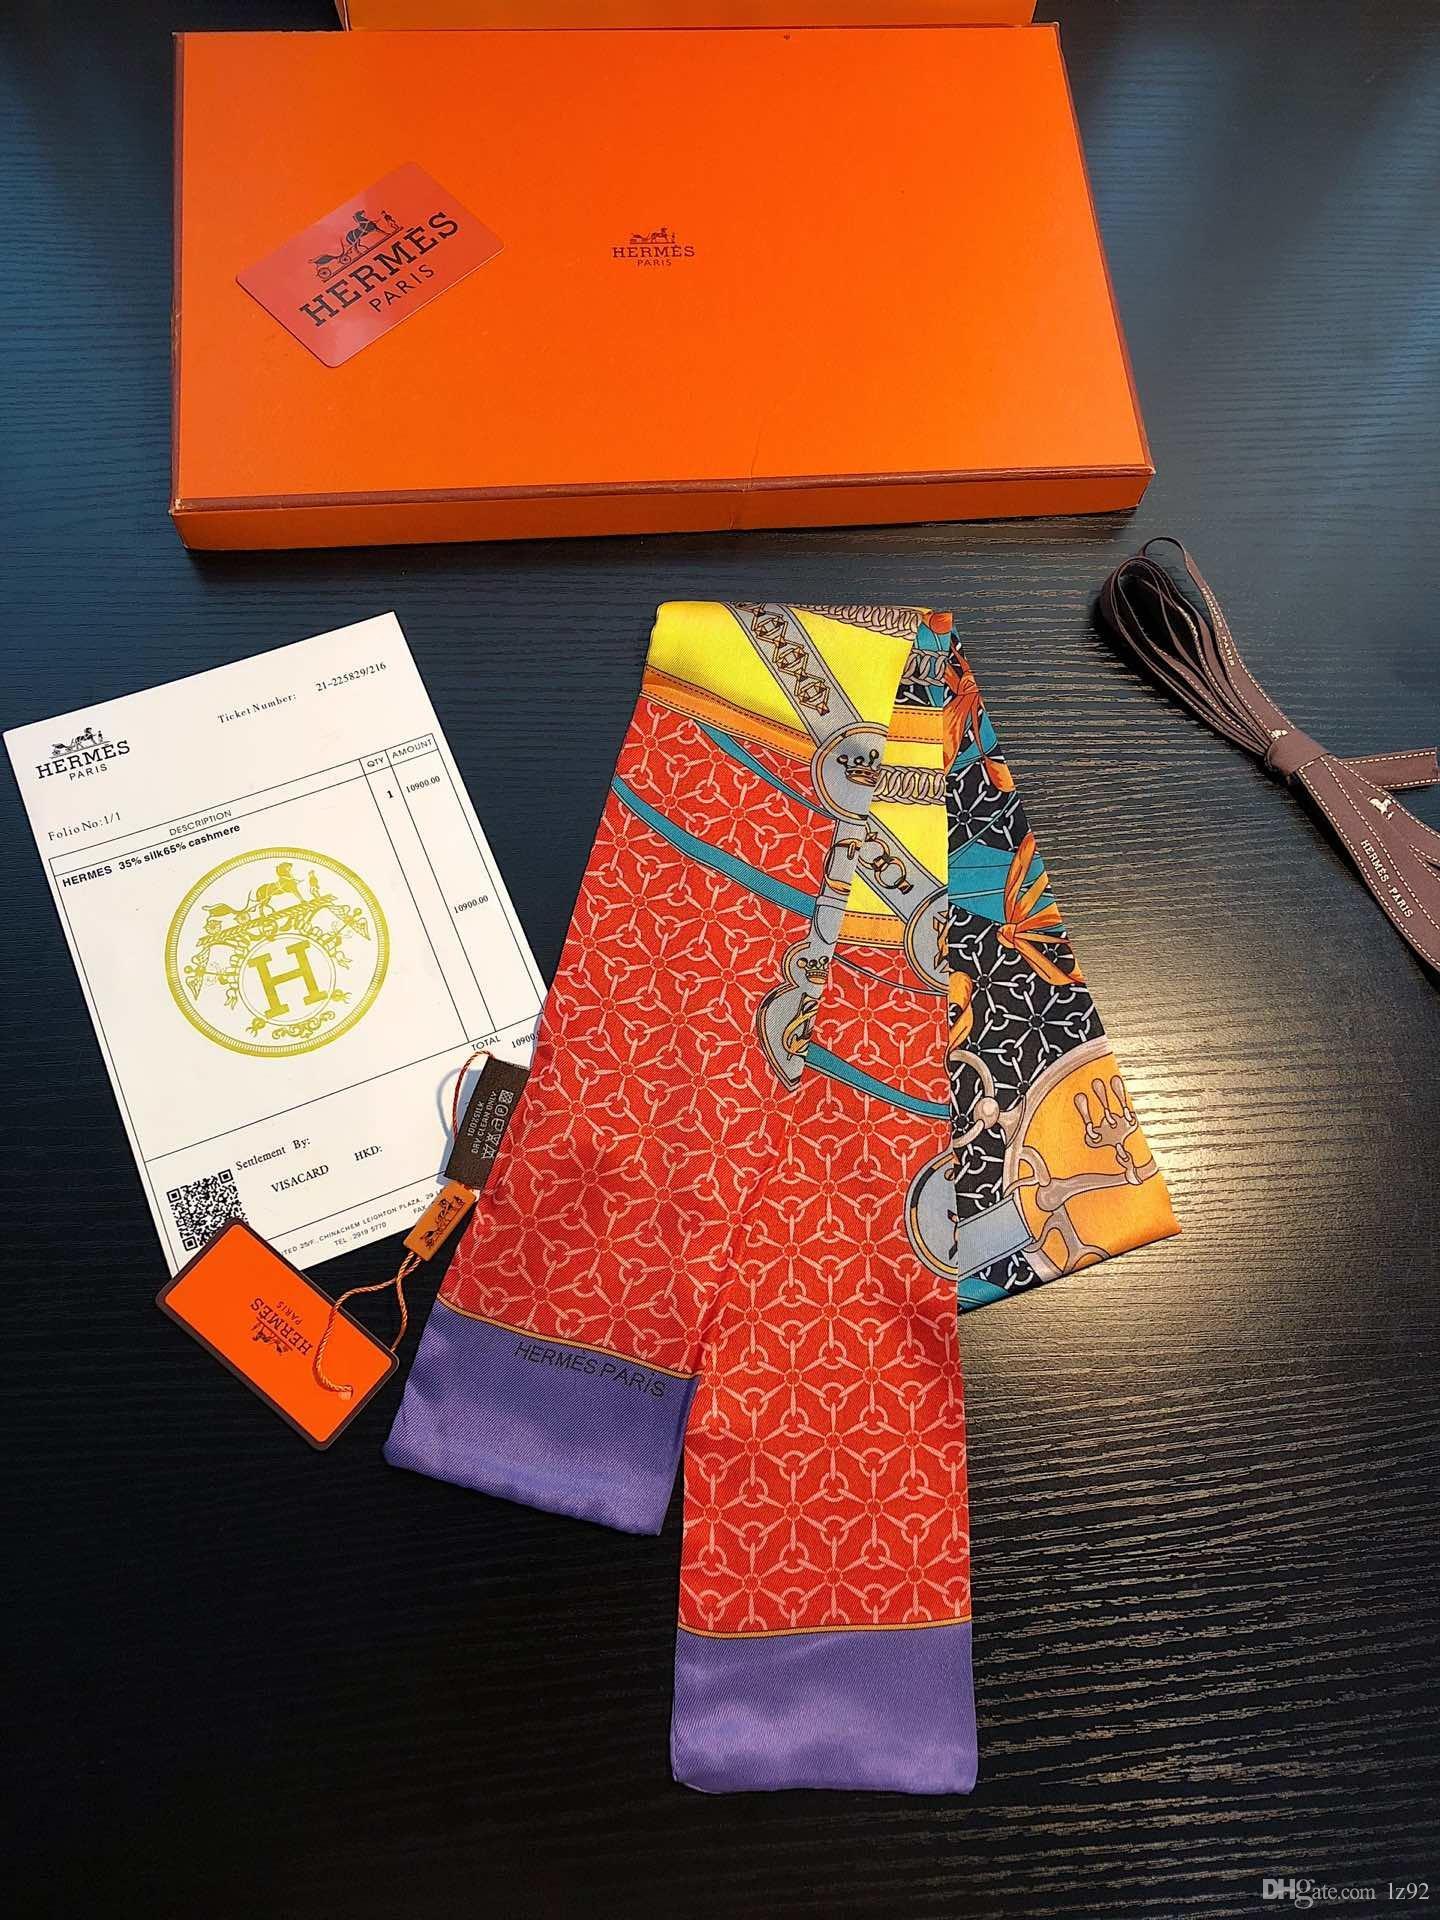 Güzel karışım tasarımı kız atkısı saç bandı çanta sapı eşarp Lüks kadın Hermes moda şerit ipek küçük boyun eşarplar sarar